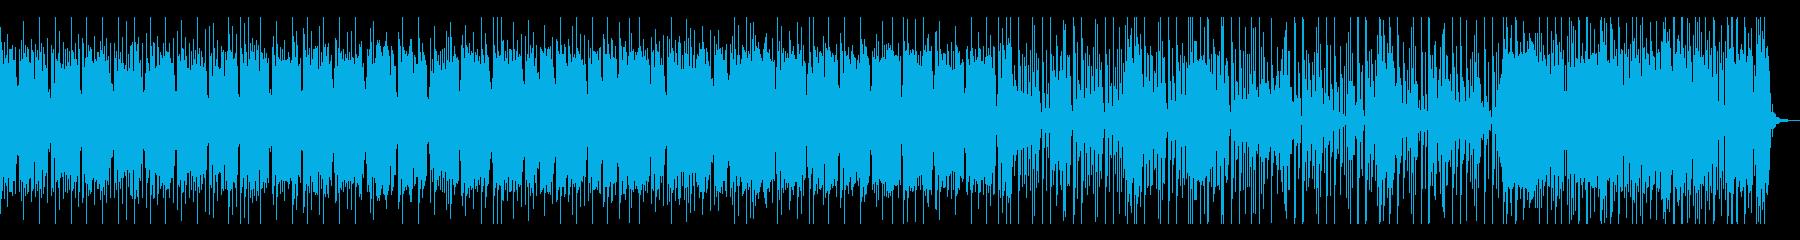 ベースリフにシンセのゆらぎ、2パートありの再生済みの波形